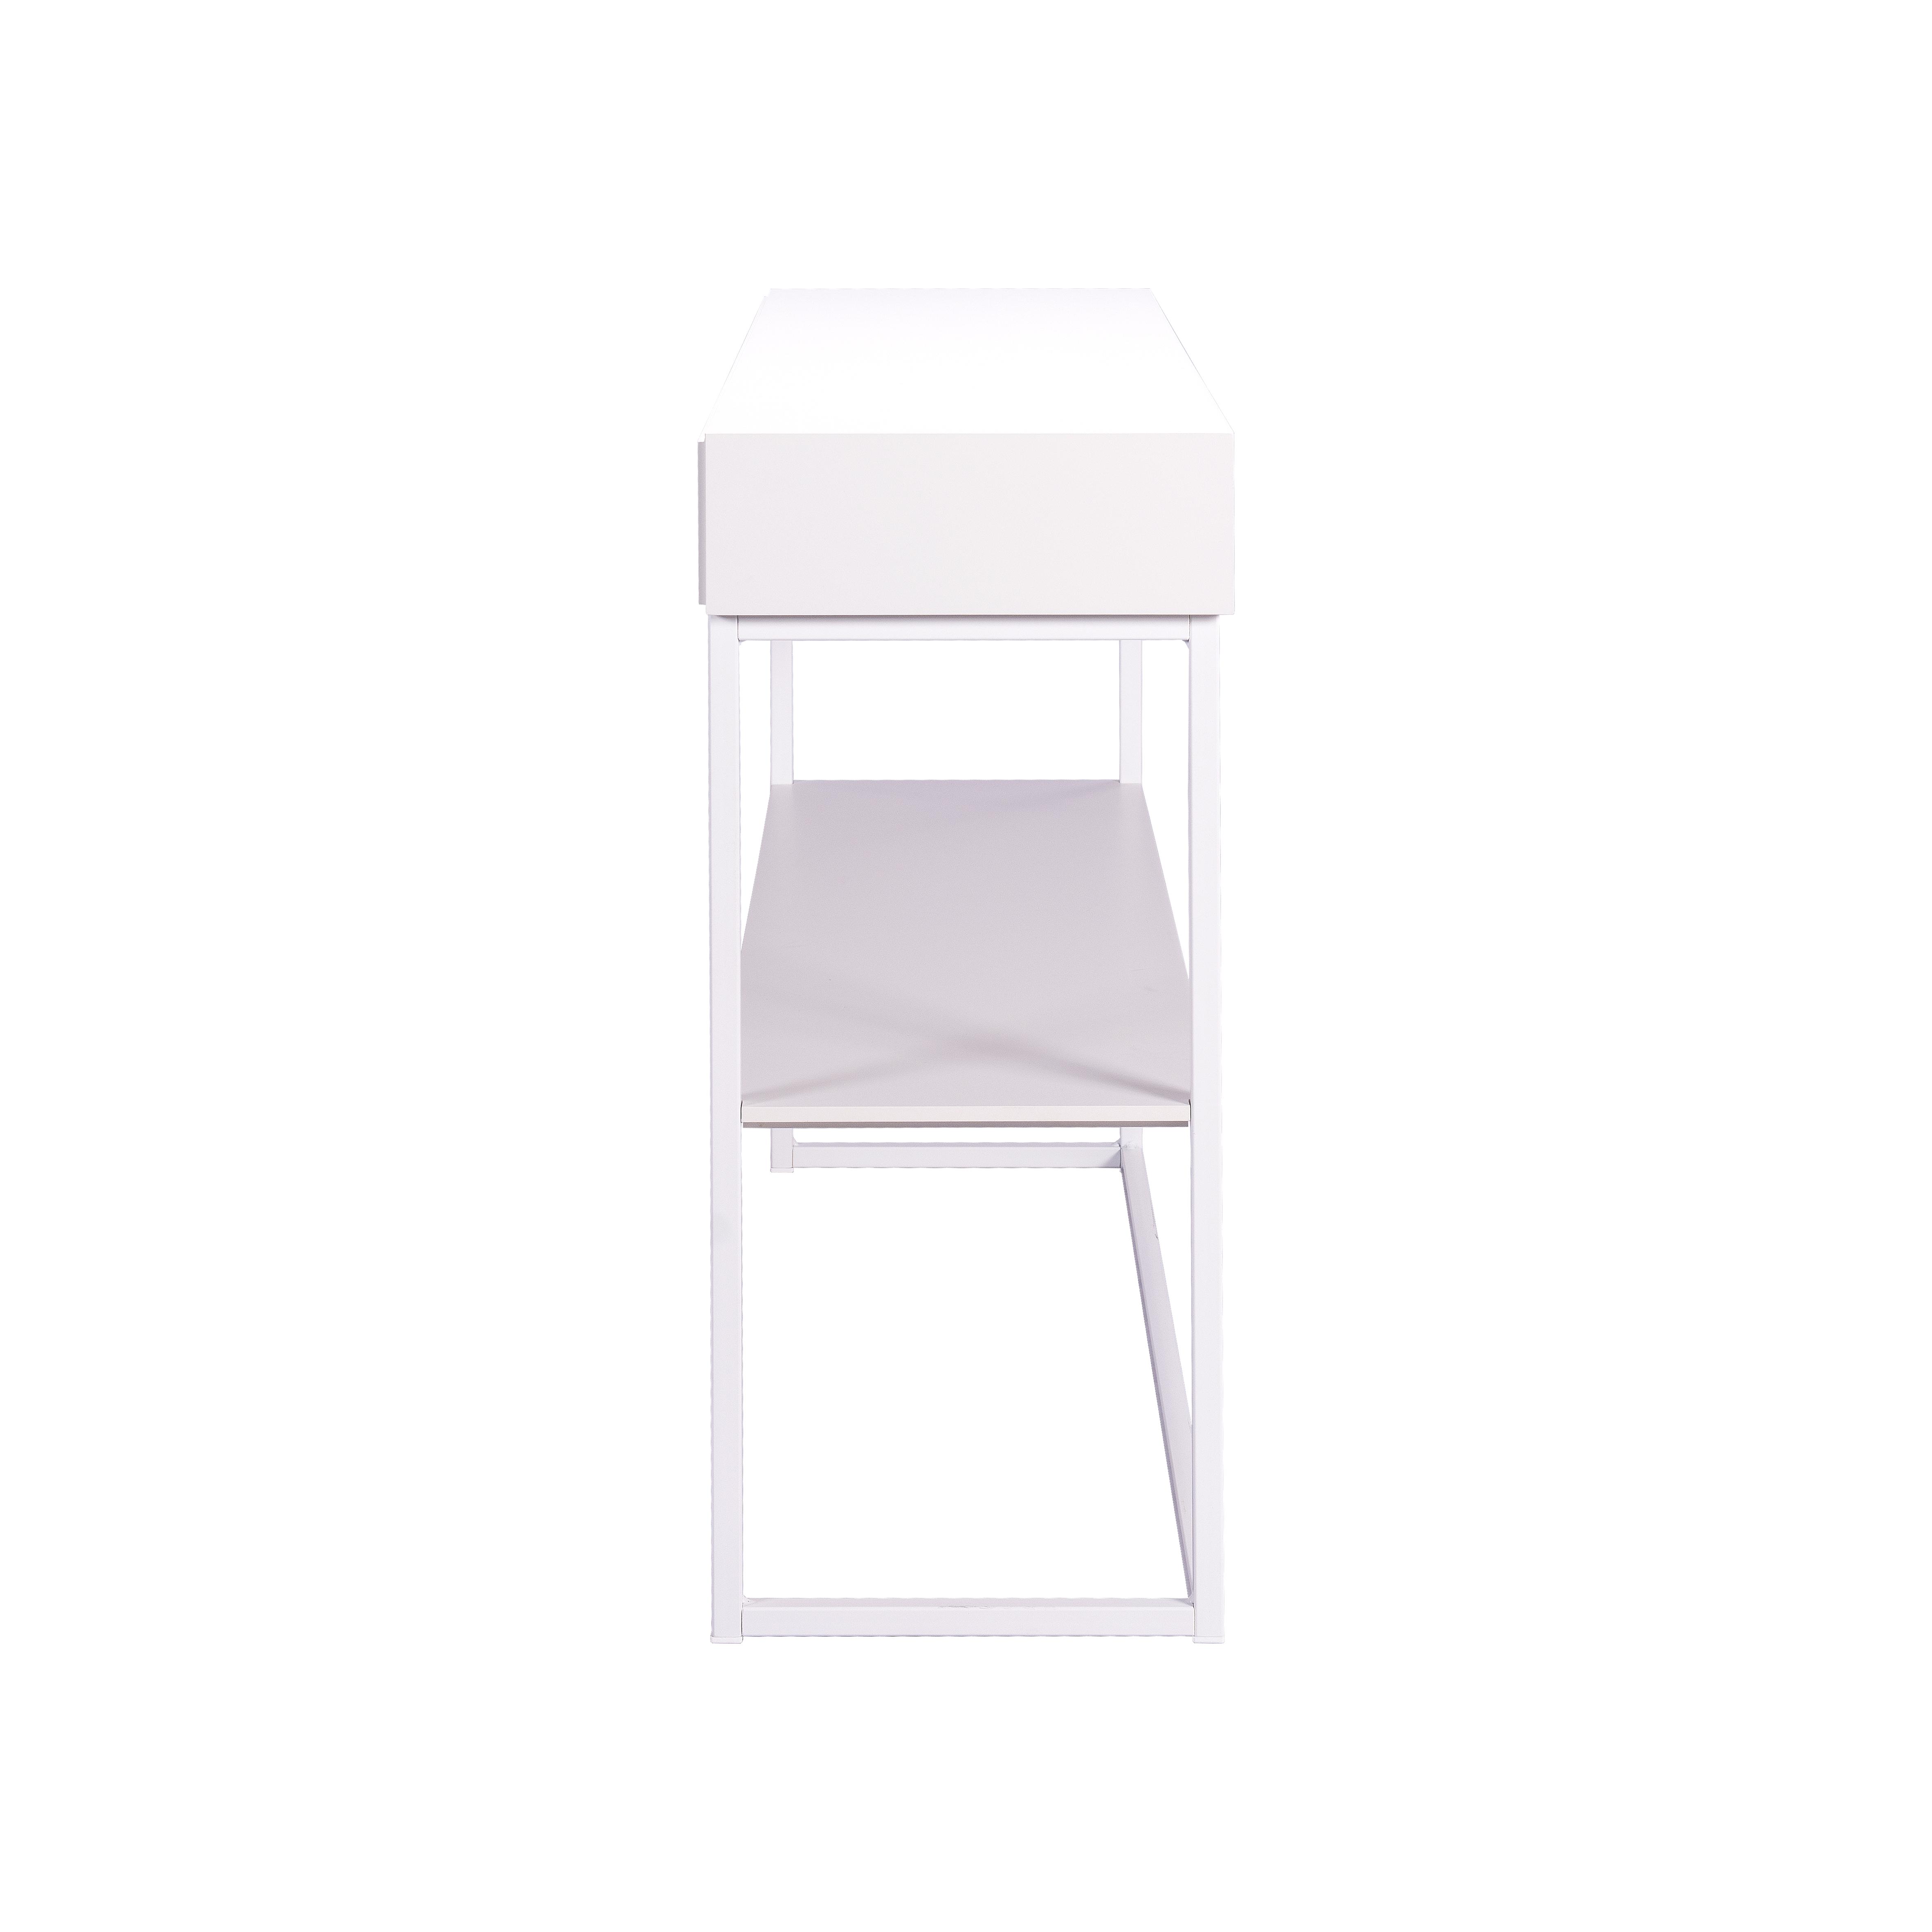 Cube avlastningsbord White från sidan - englesson.se